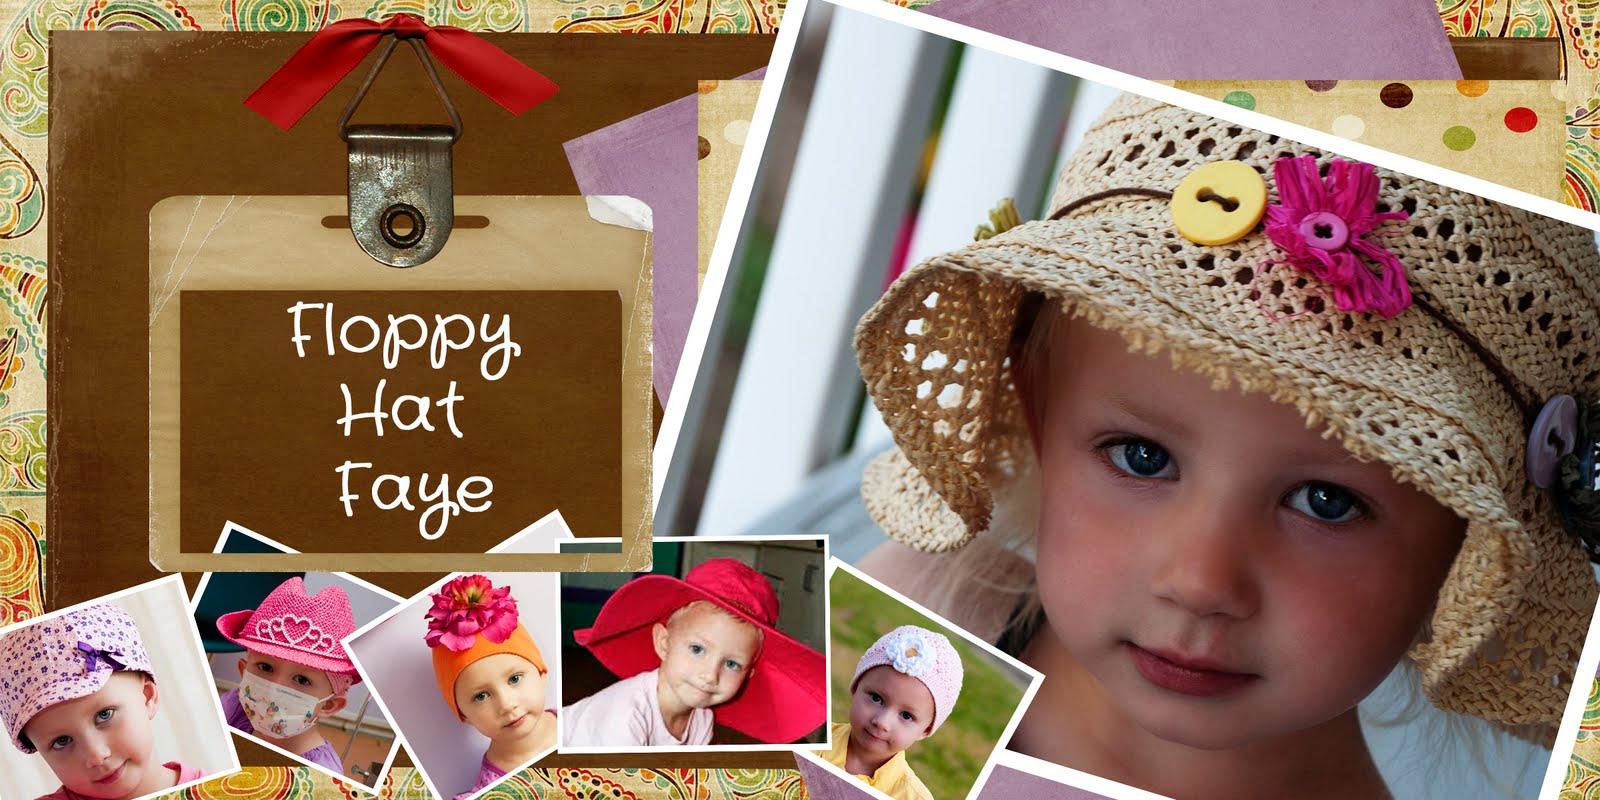 Floppy Hat Faye